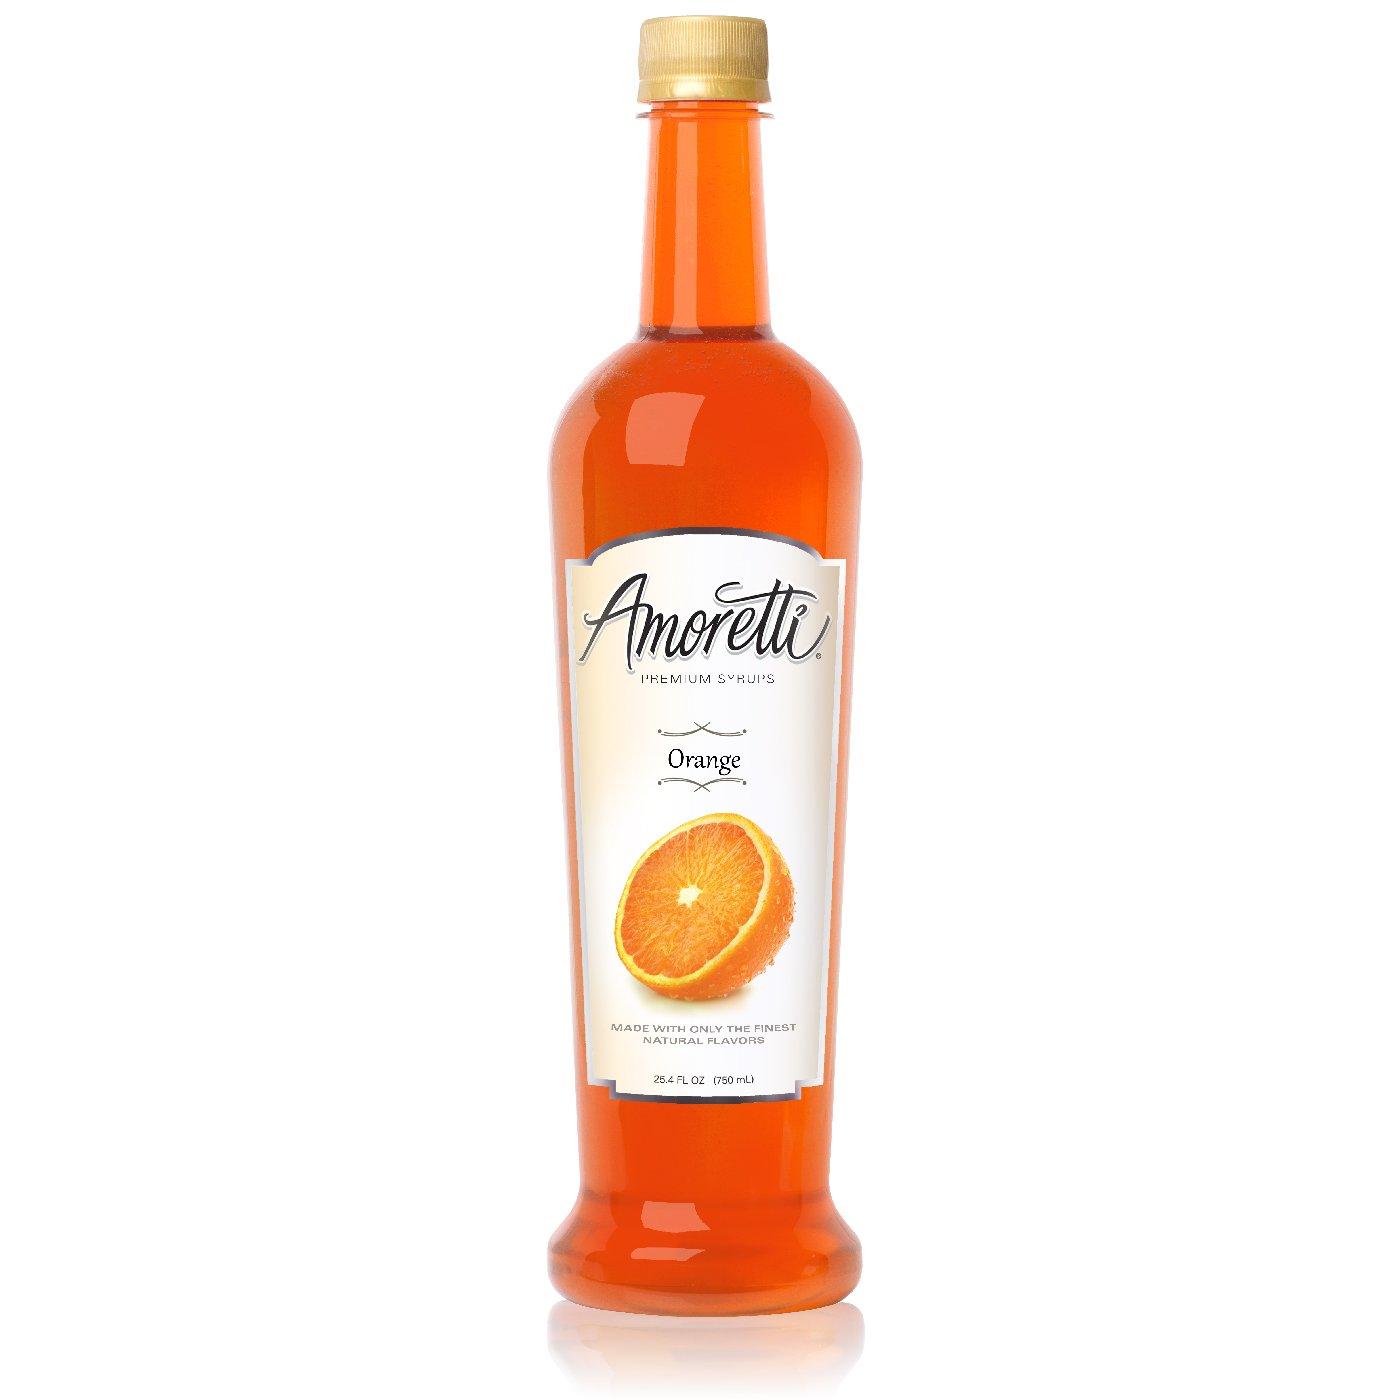 Amoretti Premium Orange Syrup (750mL)